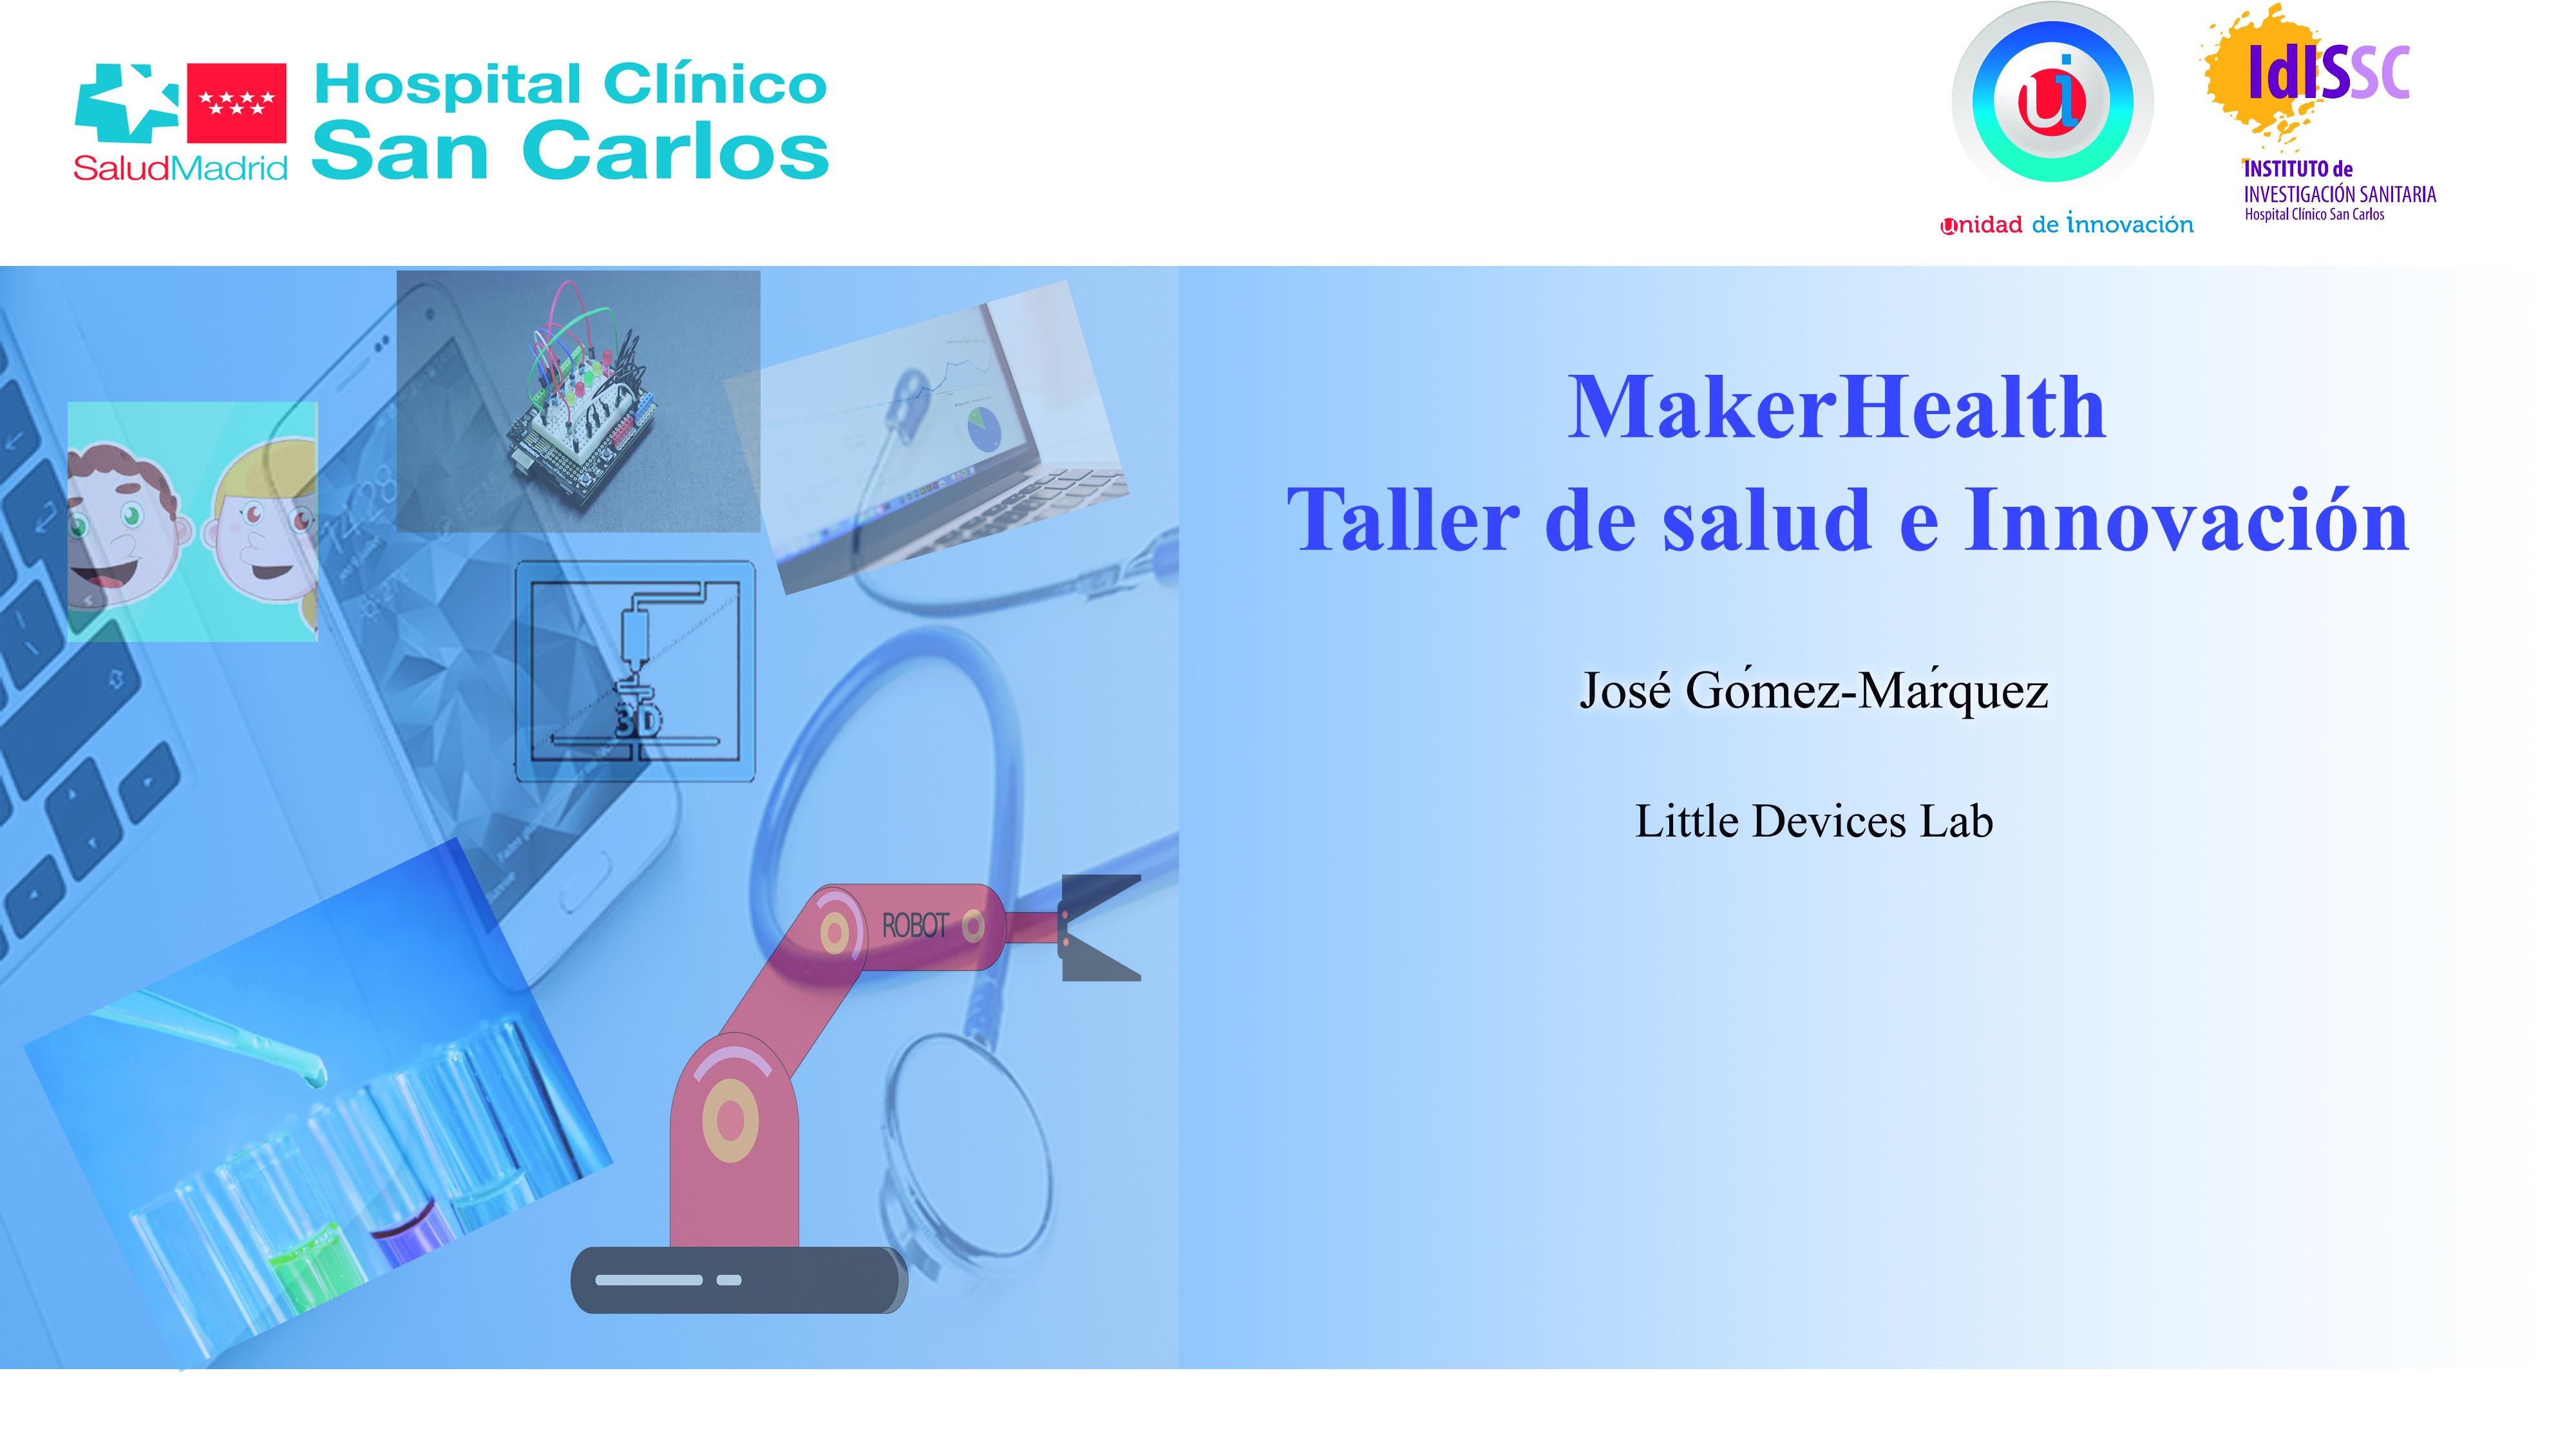 Taller interactivo de Salud e Innovación